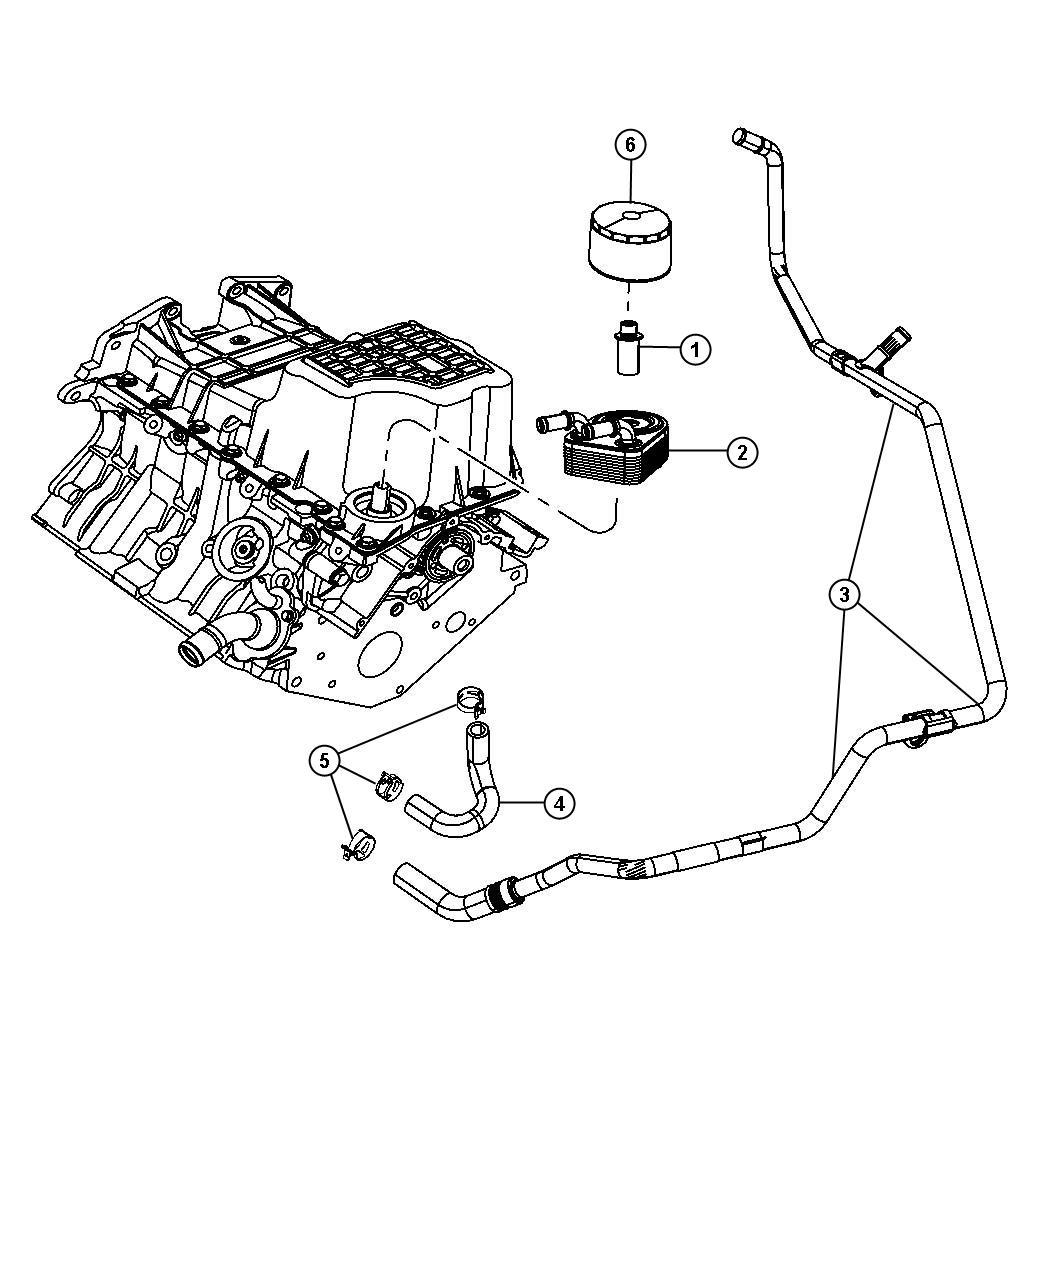 Dodge Intrepid Engine Diagram Oil Cooler Get Free, Dodge